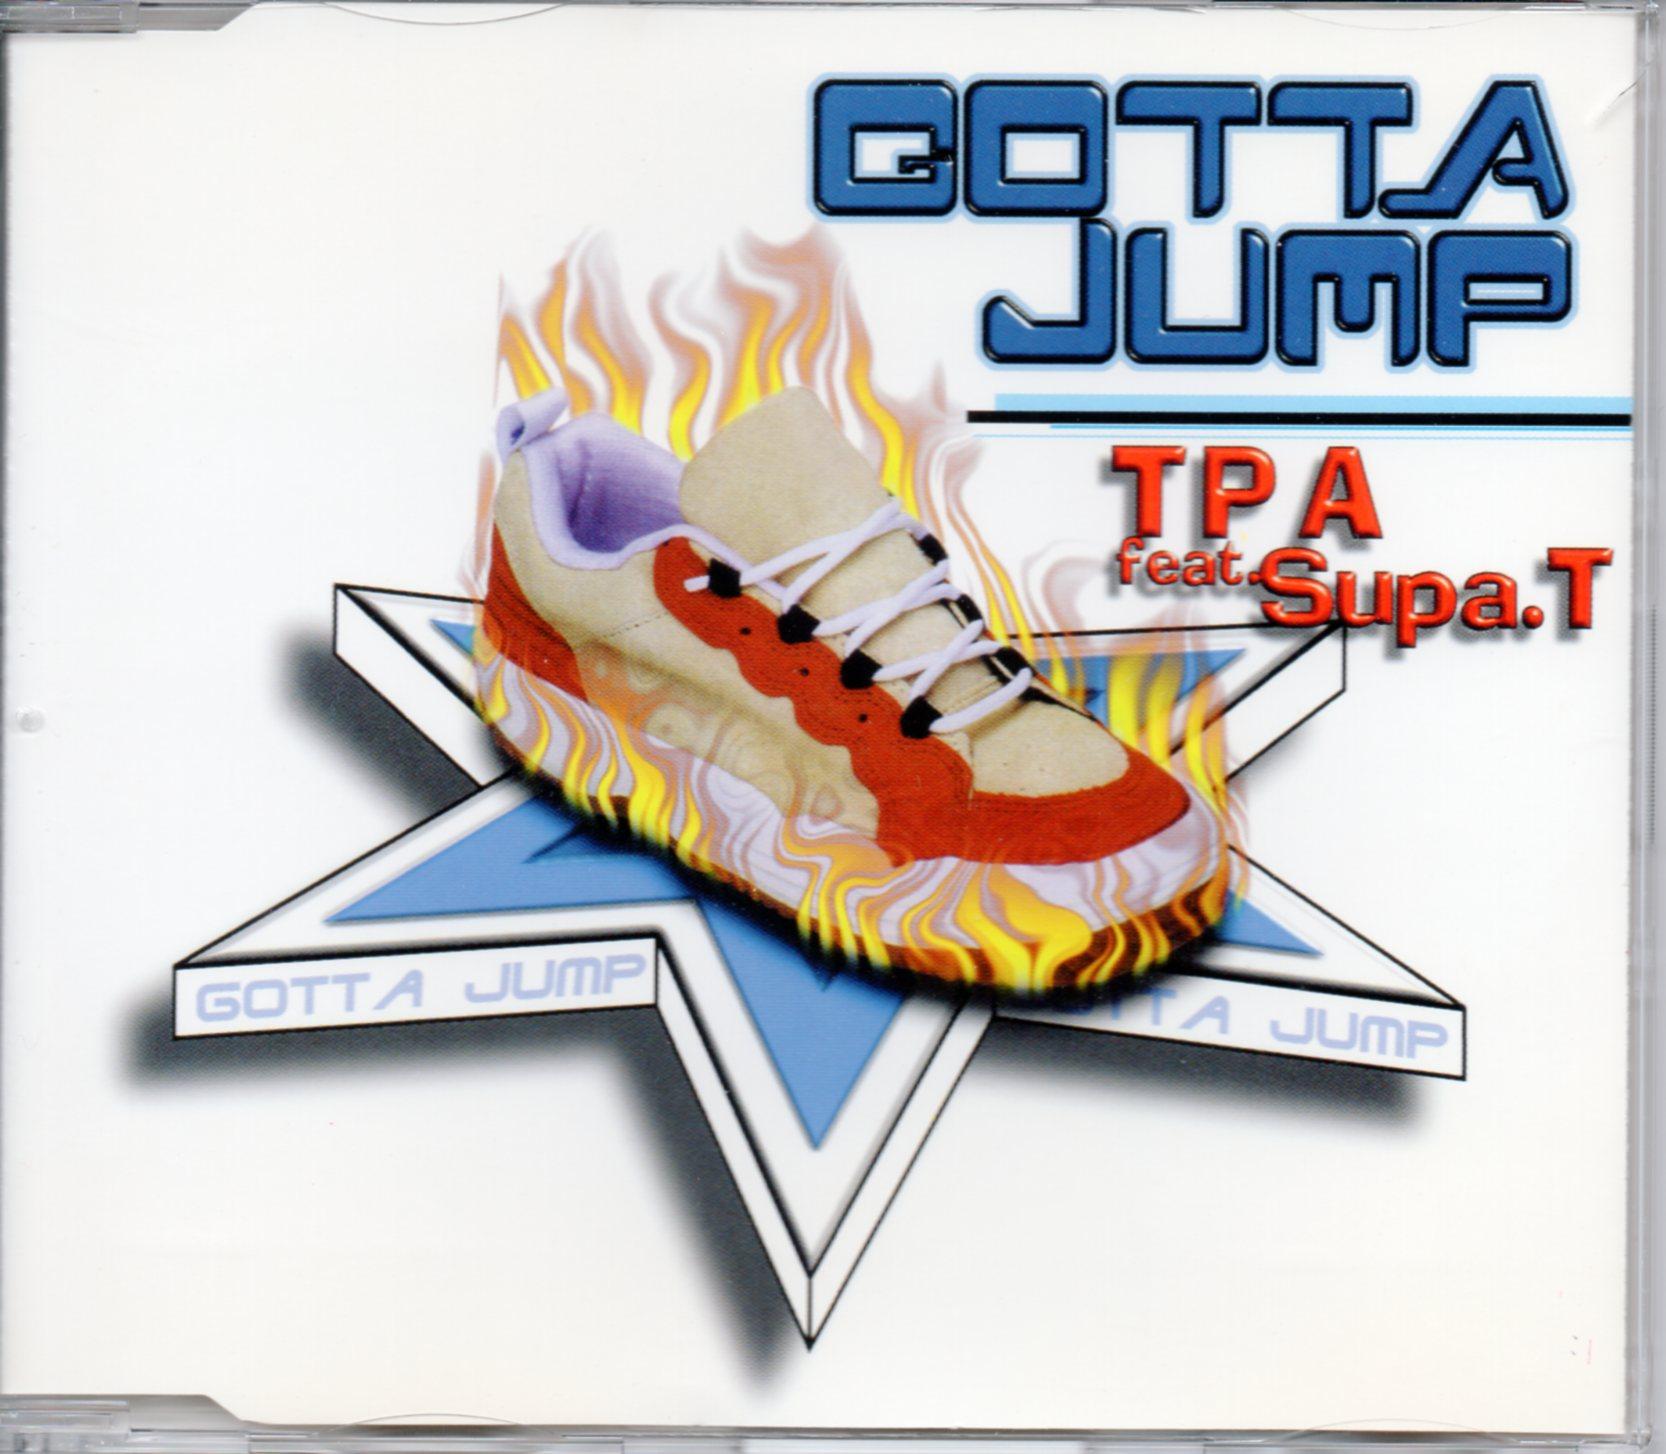 TPA FEAT. SUPA.T - Gotta Jump 4-track Jewel case - CD Maxi